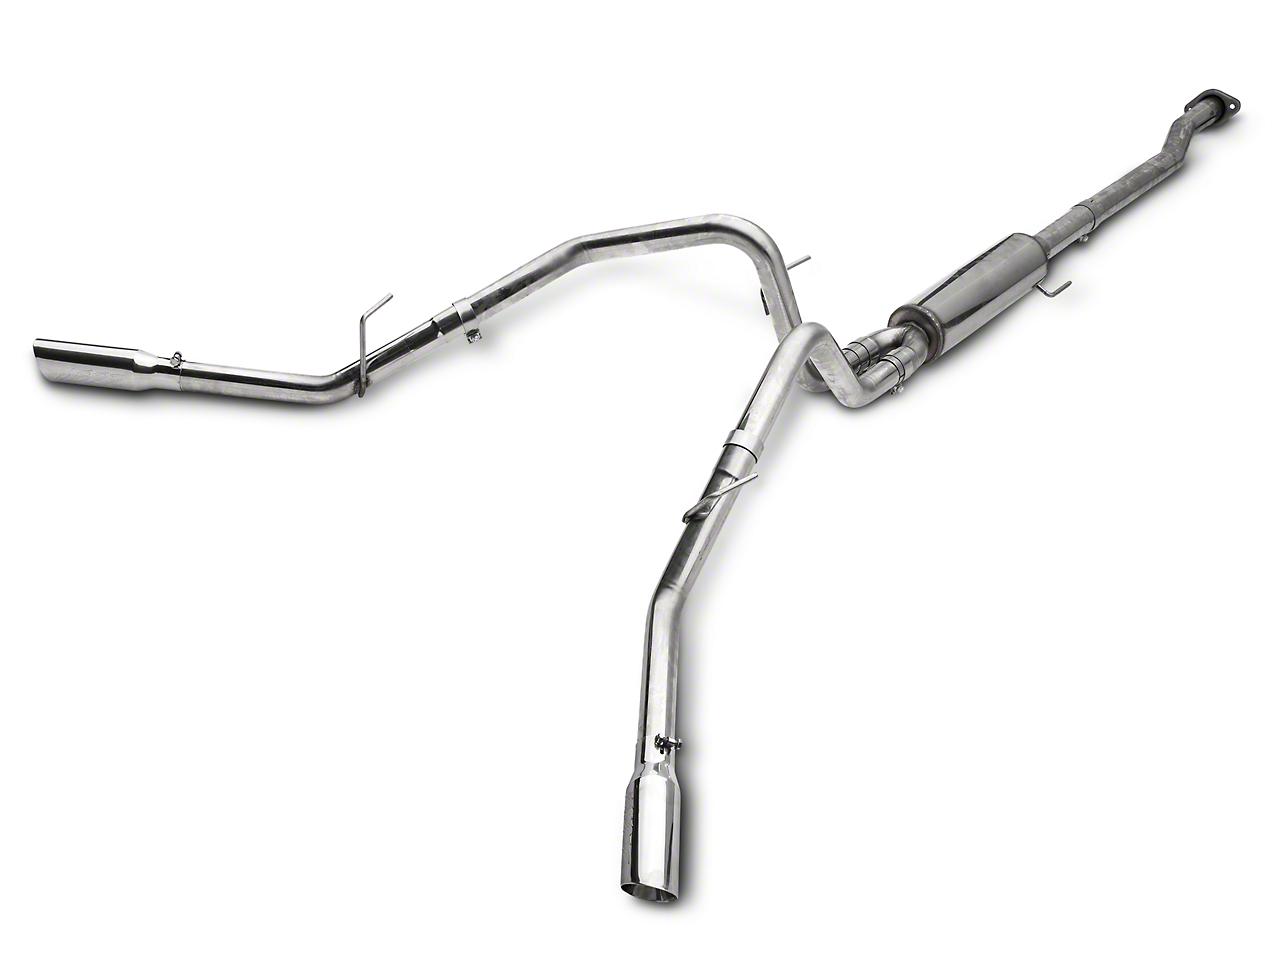 MBRP Pro Series 2.5 in. Cat-Back Exhaust - Split Side Exit (09-10 5.4L, Excluding Raptor)